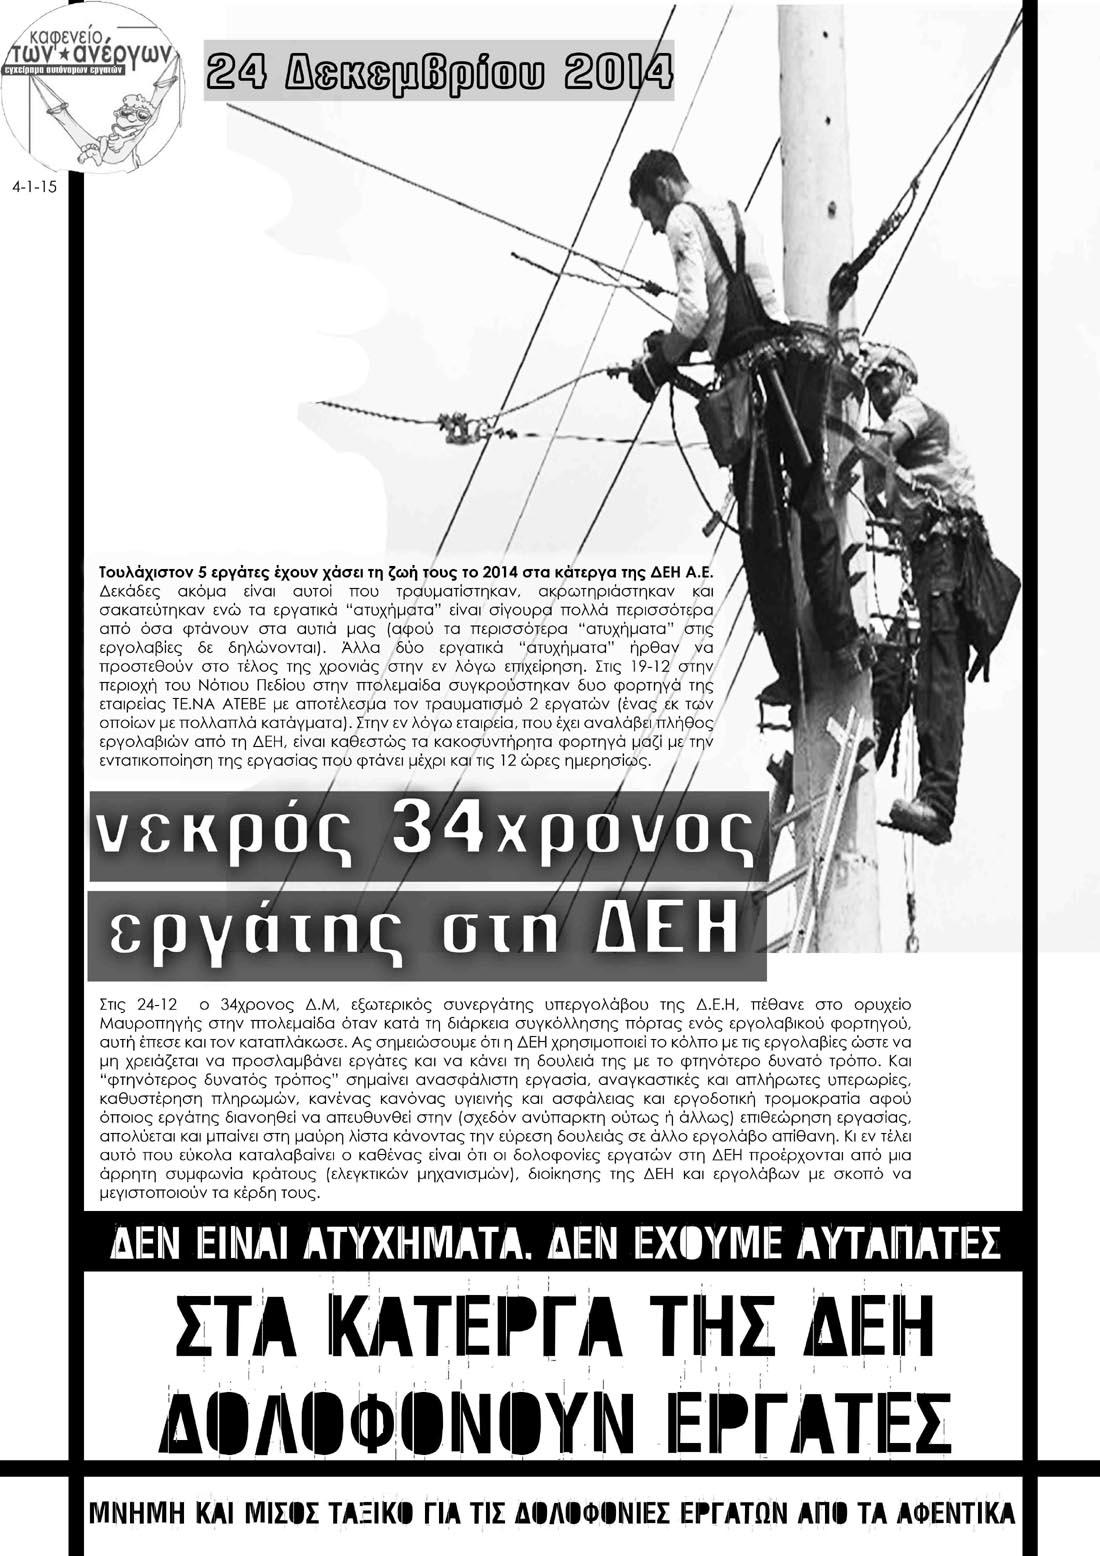 12-2014-deh-afisa-ergatika-atyxhmata